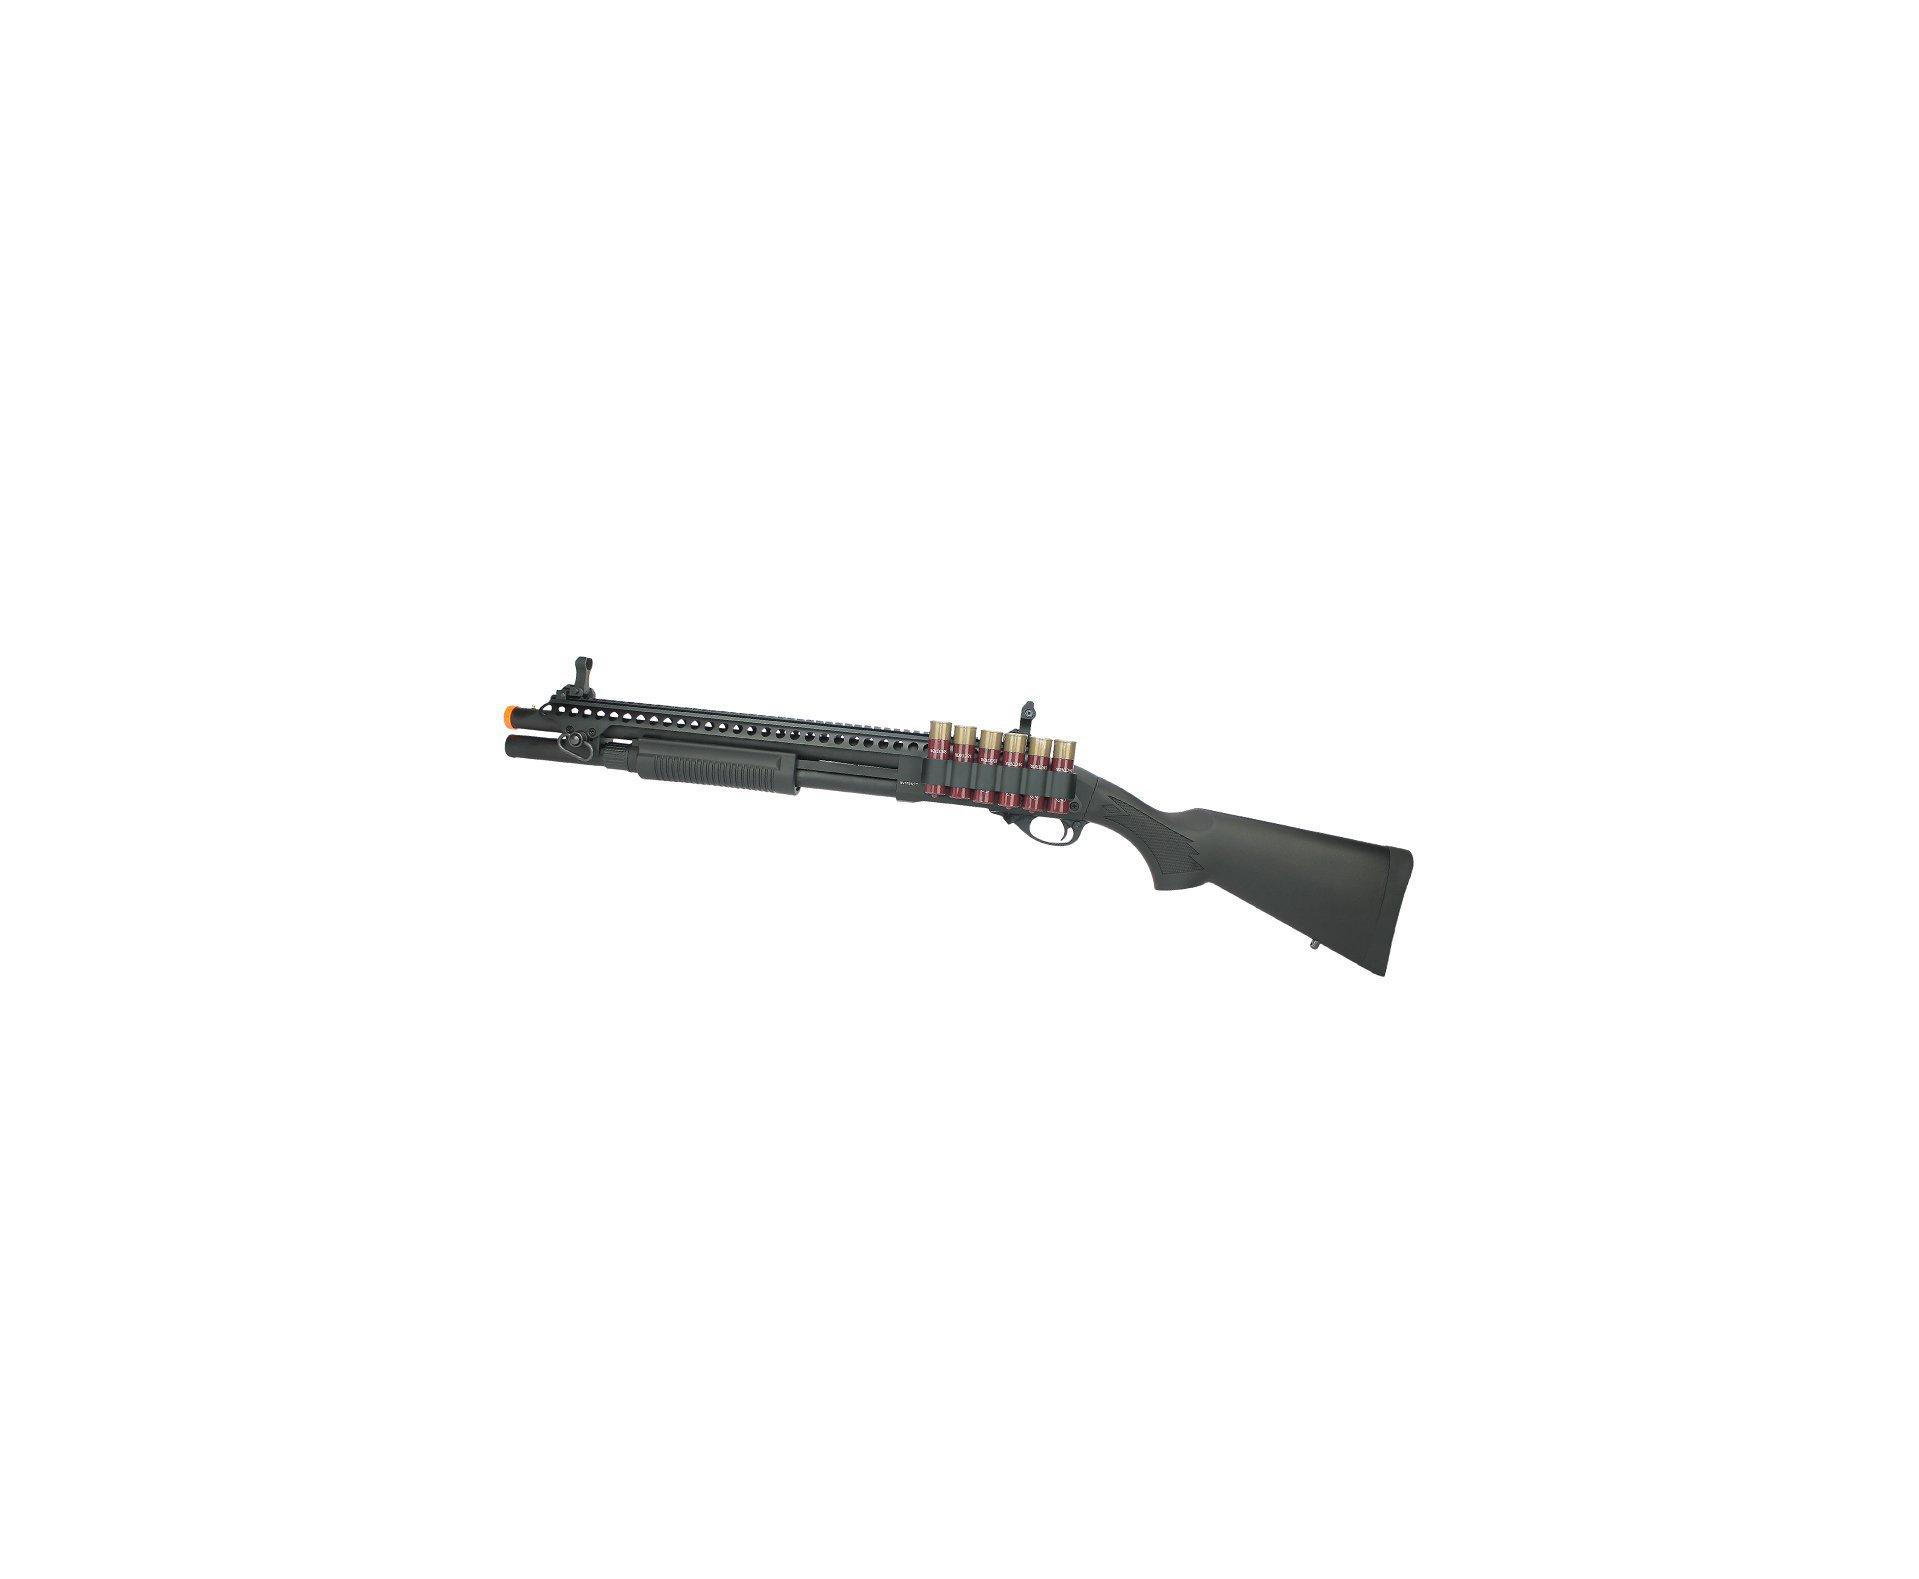 Escopeta Shotgun De Airsoft Gbb Full Metal V0001 Epg Velites G-xi Cal 6,00mm